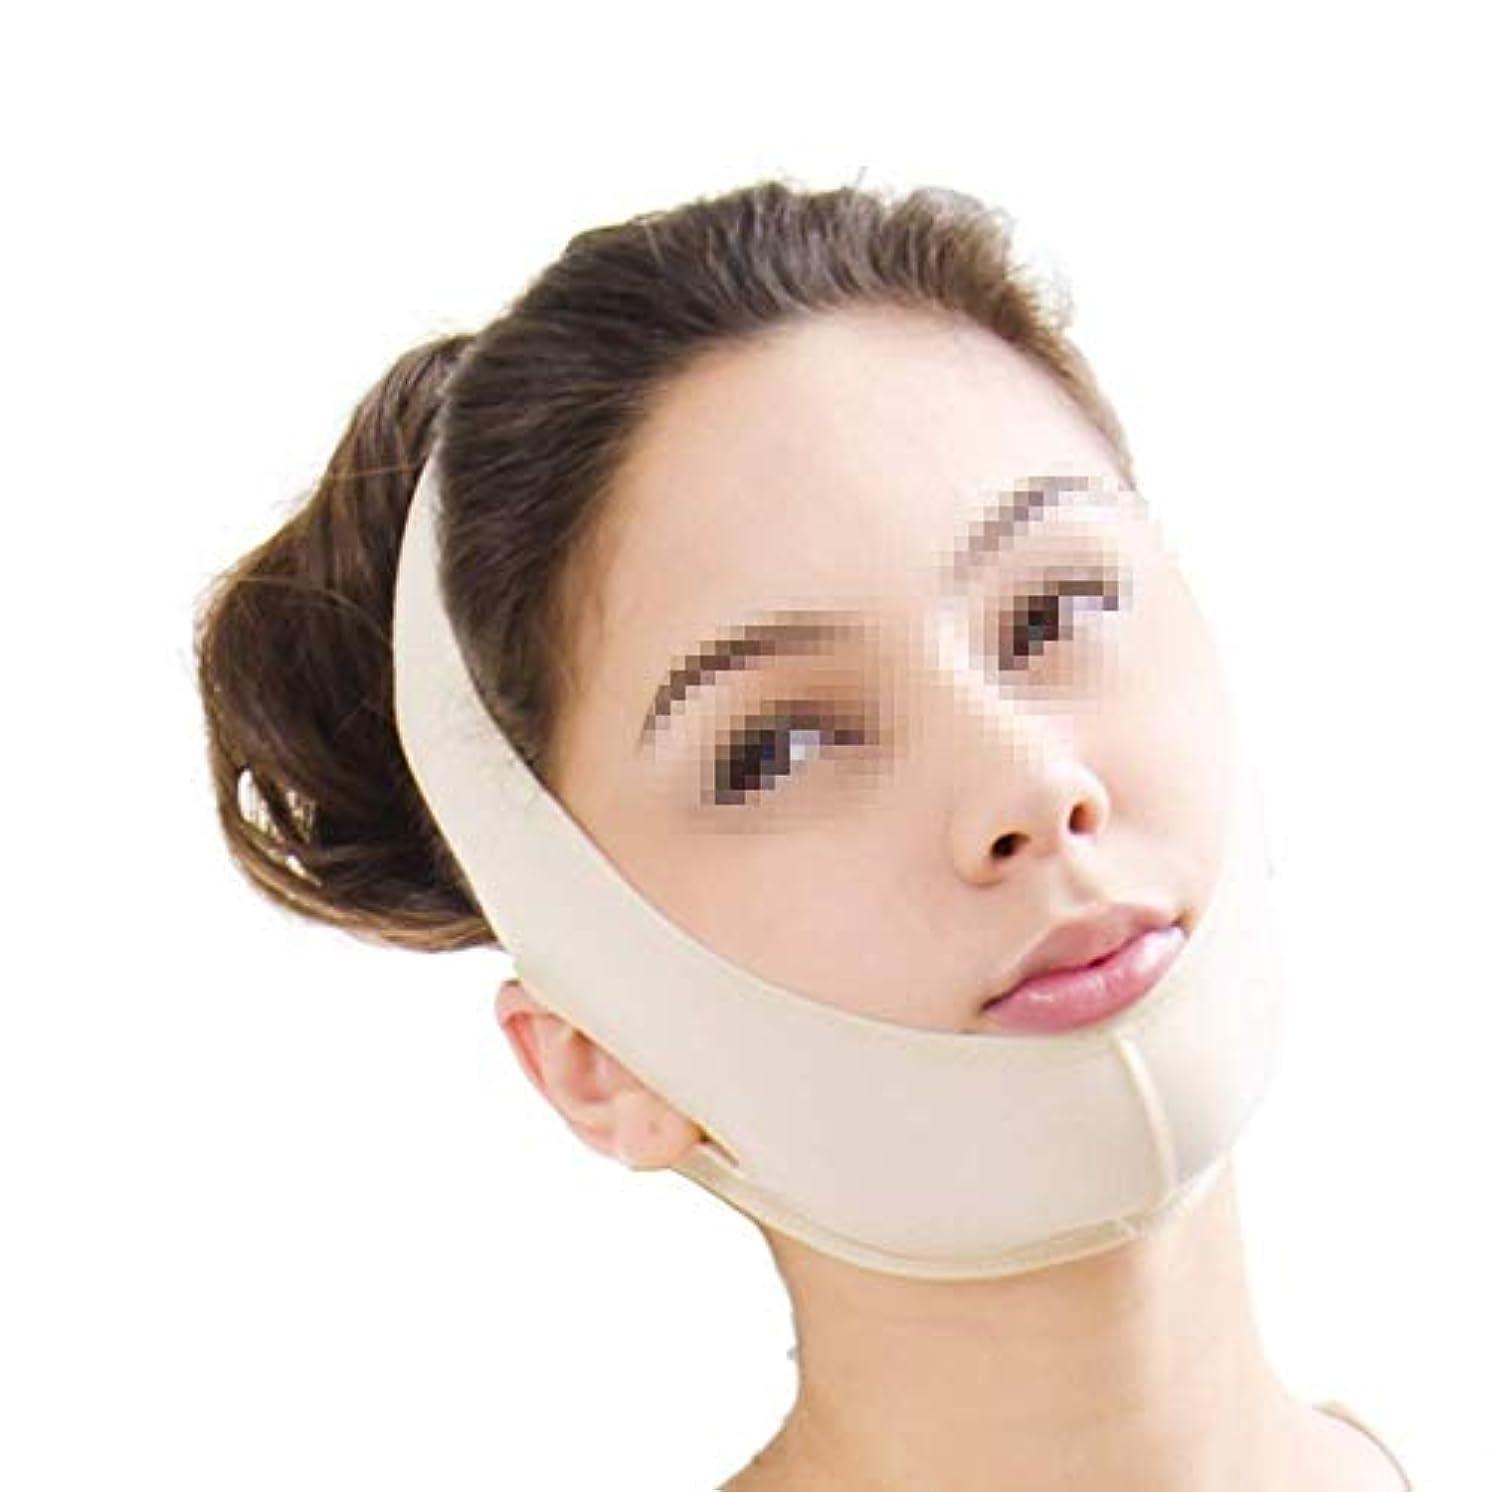 エントリアサート小道具フェイスリフトマスク、顎顔面ダブルチン化粧品脂肪吸引後圧縮小顔包帯弾性ヘッドギア(サイズ:S)